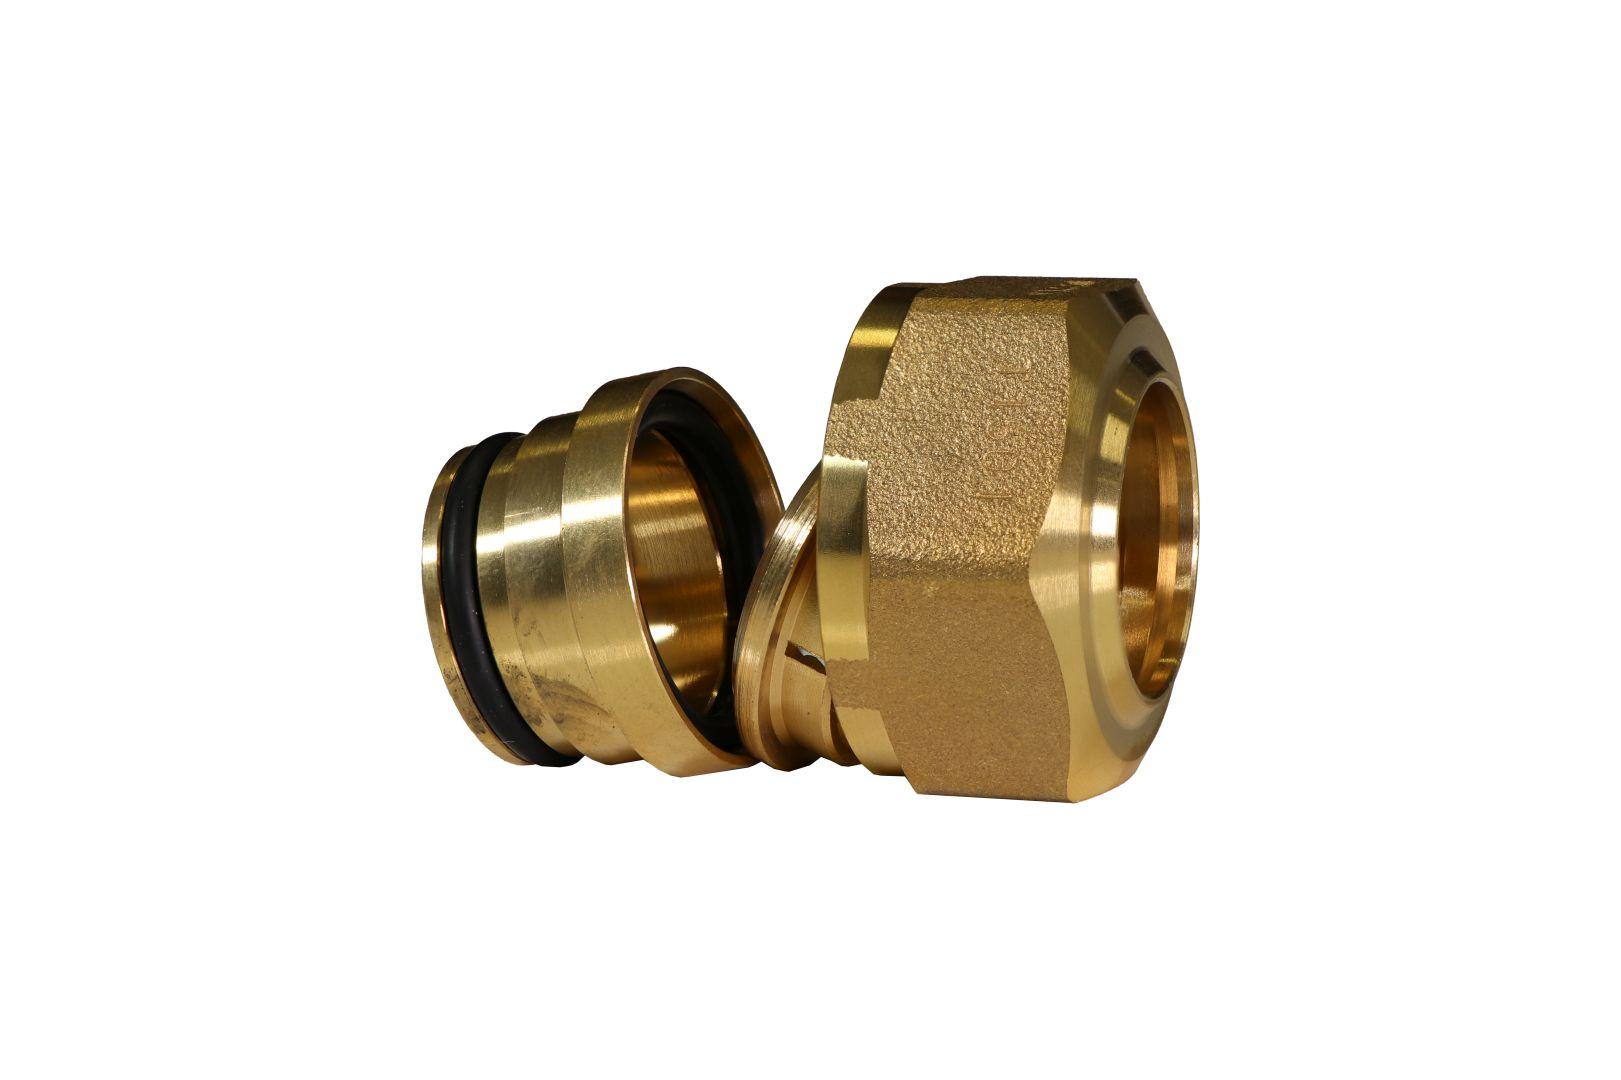 Marley DreMa (TW) Adapter für 22 mm Kupferrohr (Nr. 49), 1 Zoll Innengewinde, flachdichtend